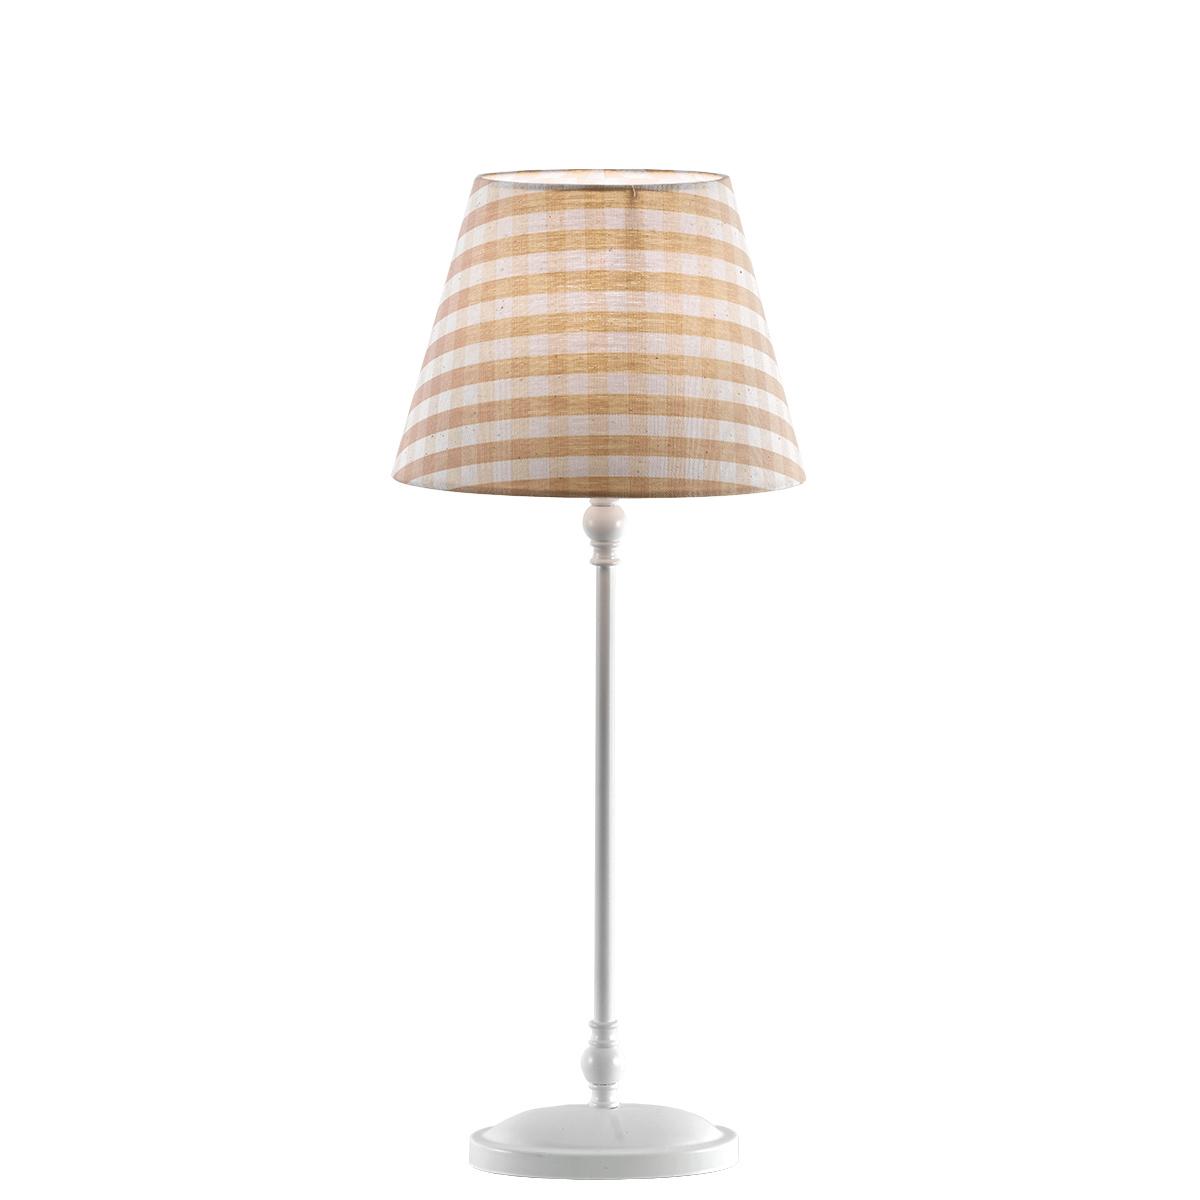 Πορτατίφ BIANCO table lamp